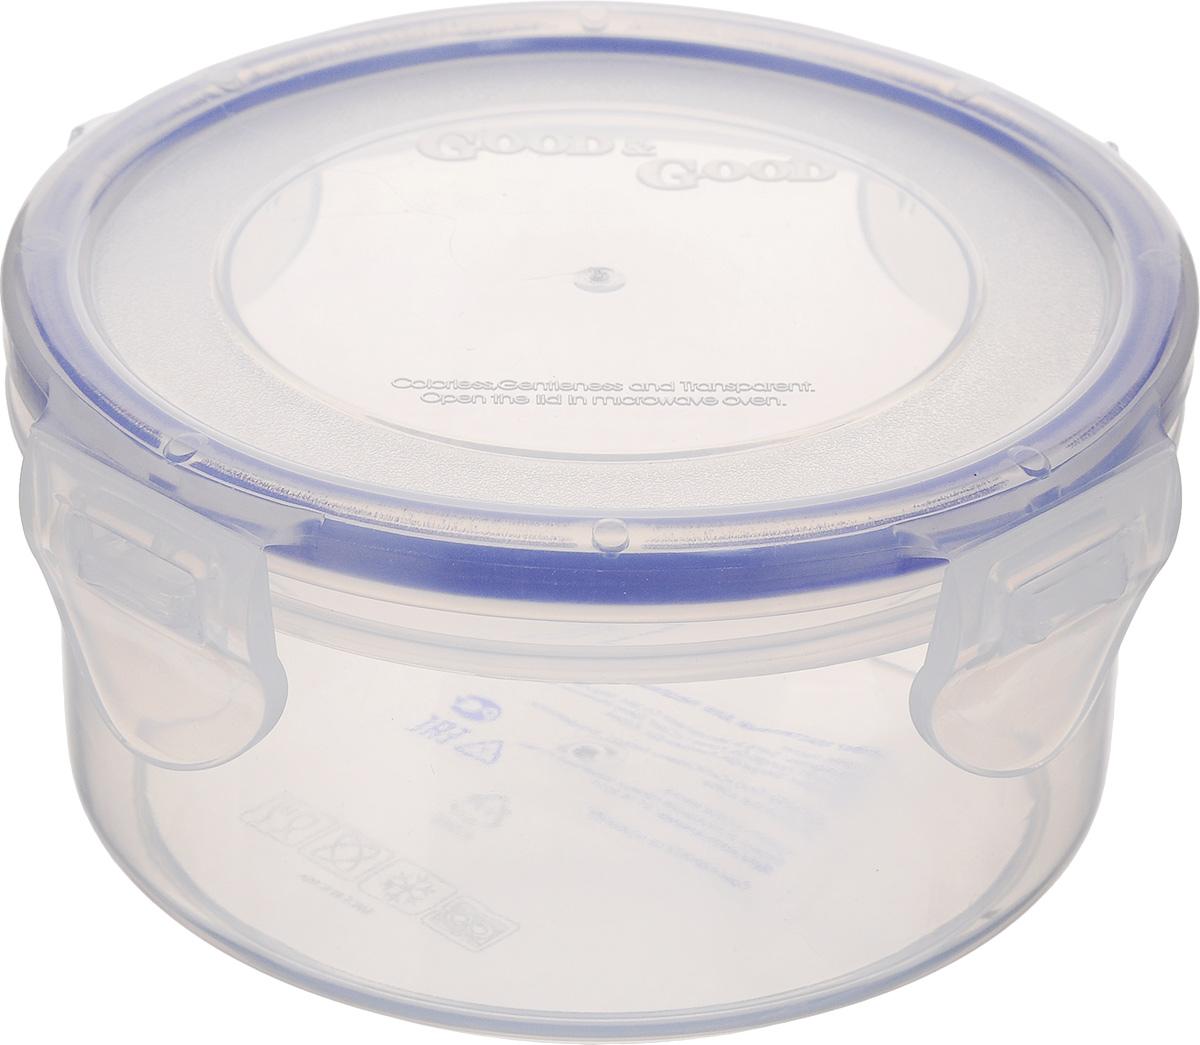 Контейнер Good&Good, цвет: прозрачный, синий, 350 млR2-1Контейнер Good&Good изготовлен из высококачественного полипропилена и предназначен для хранения любых пищевых продуктов. Благодаря особым технологиям изготовления, лотки в течение времени службы не меняют цвет и не пропитываются запахами. Крышка с силиконовой вставкой герметично защелкивается специальным механизмом. Контейнер Good&Good удобен для ежедневного использования в быту. Можно мыть в посудомоечной машине и использовать в СВЧ. Диаметр контейнера: 11 см. Высота контейнера: 6 см.